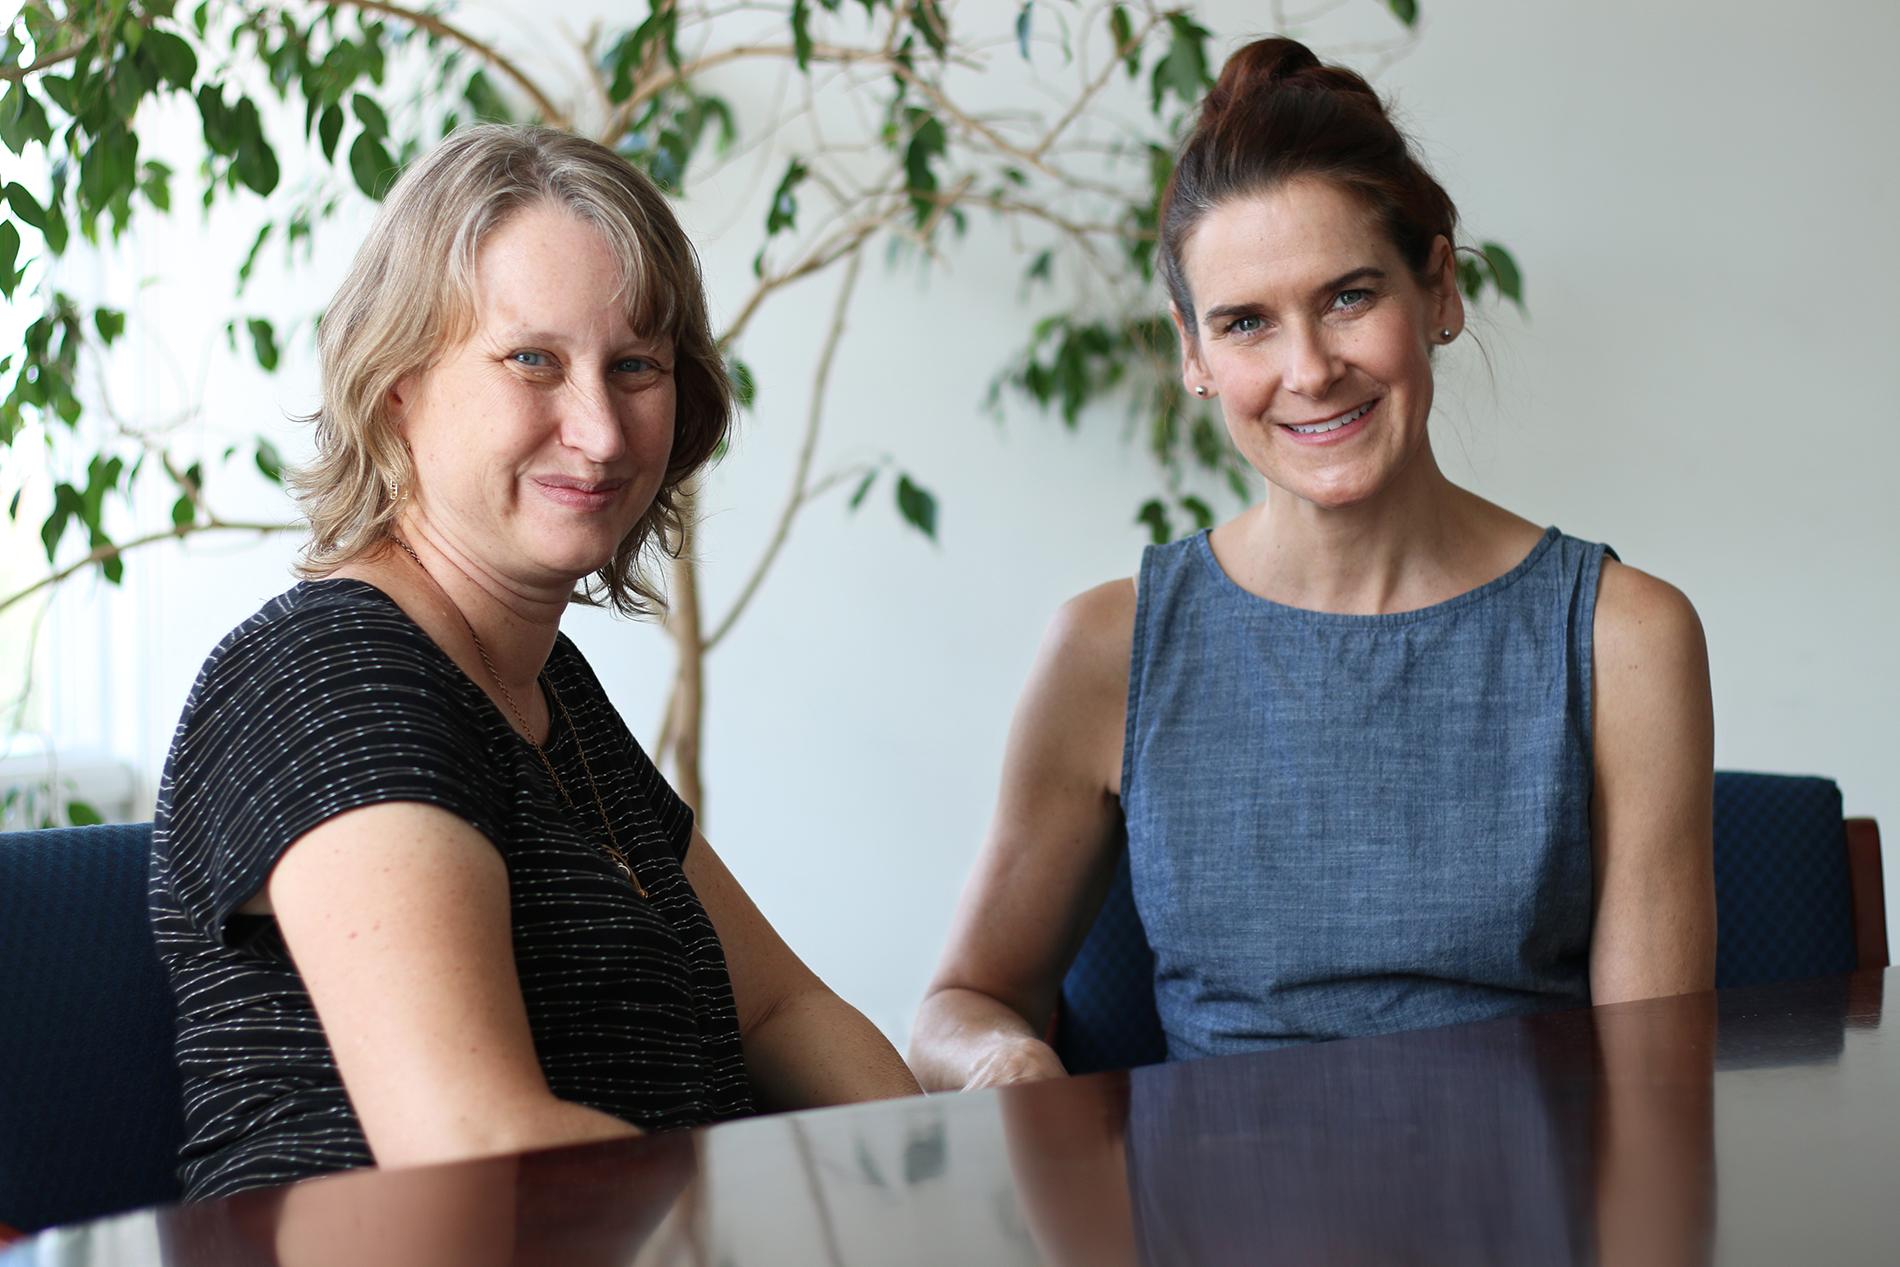 Andrea Hussong and Deborah Jones